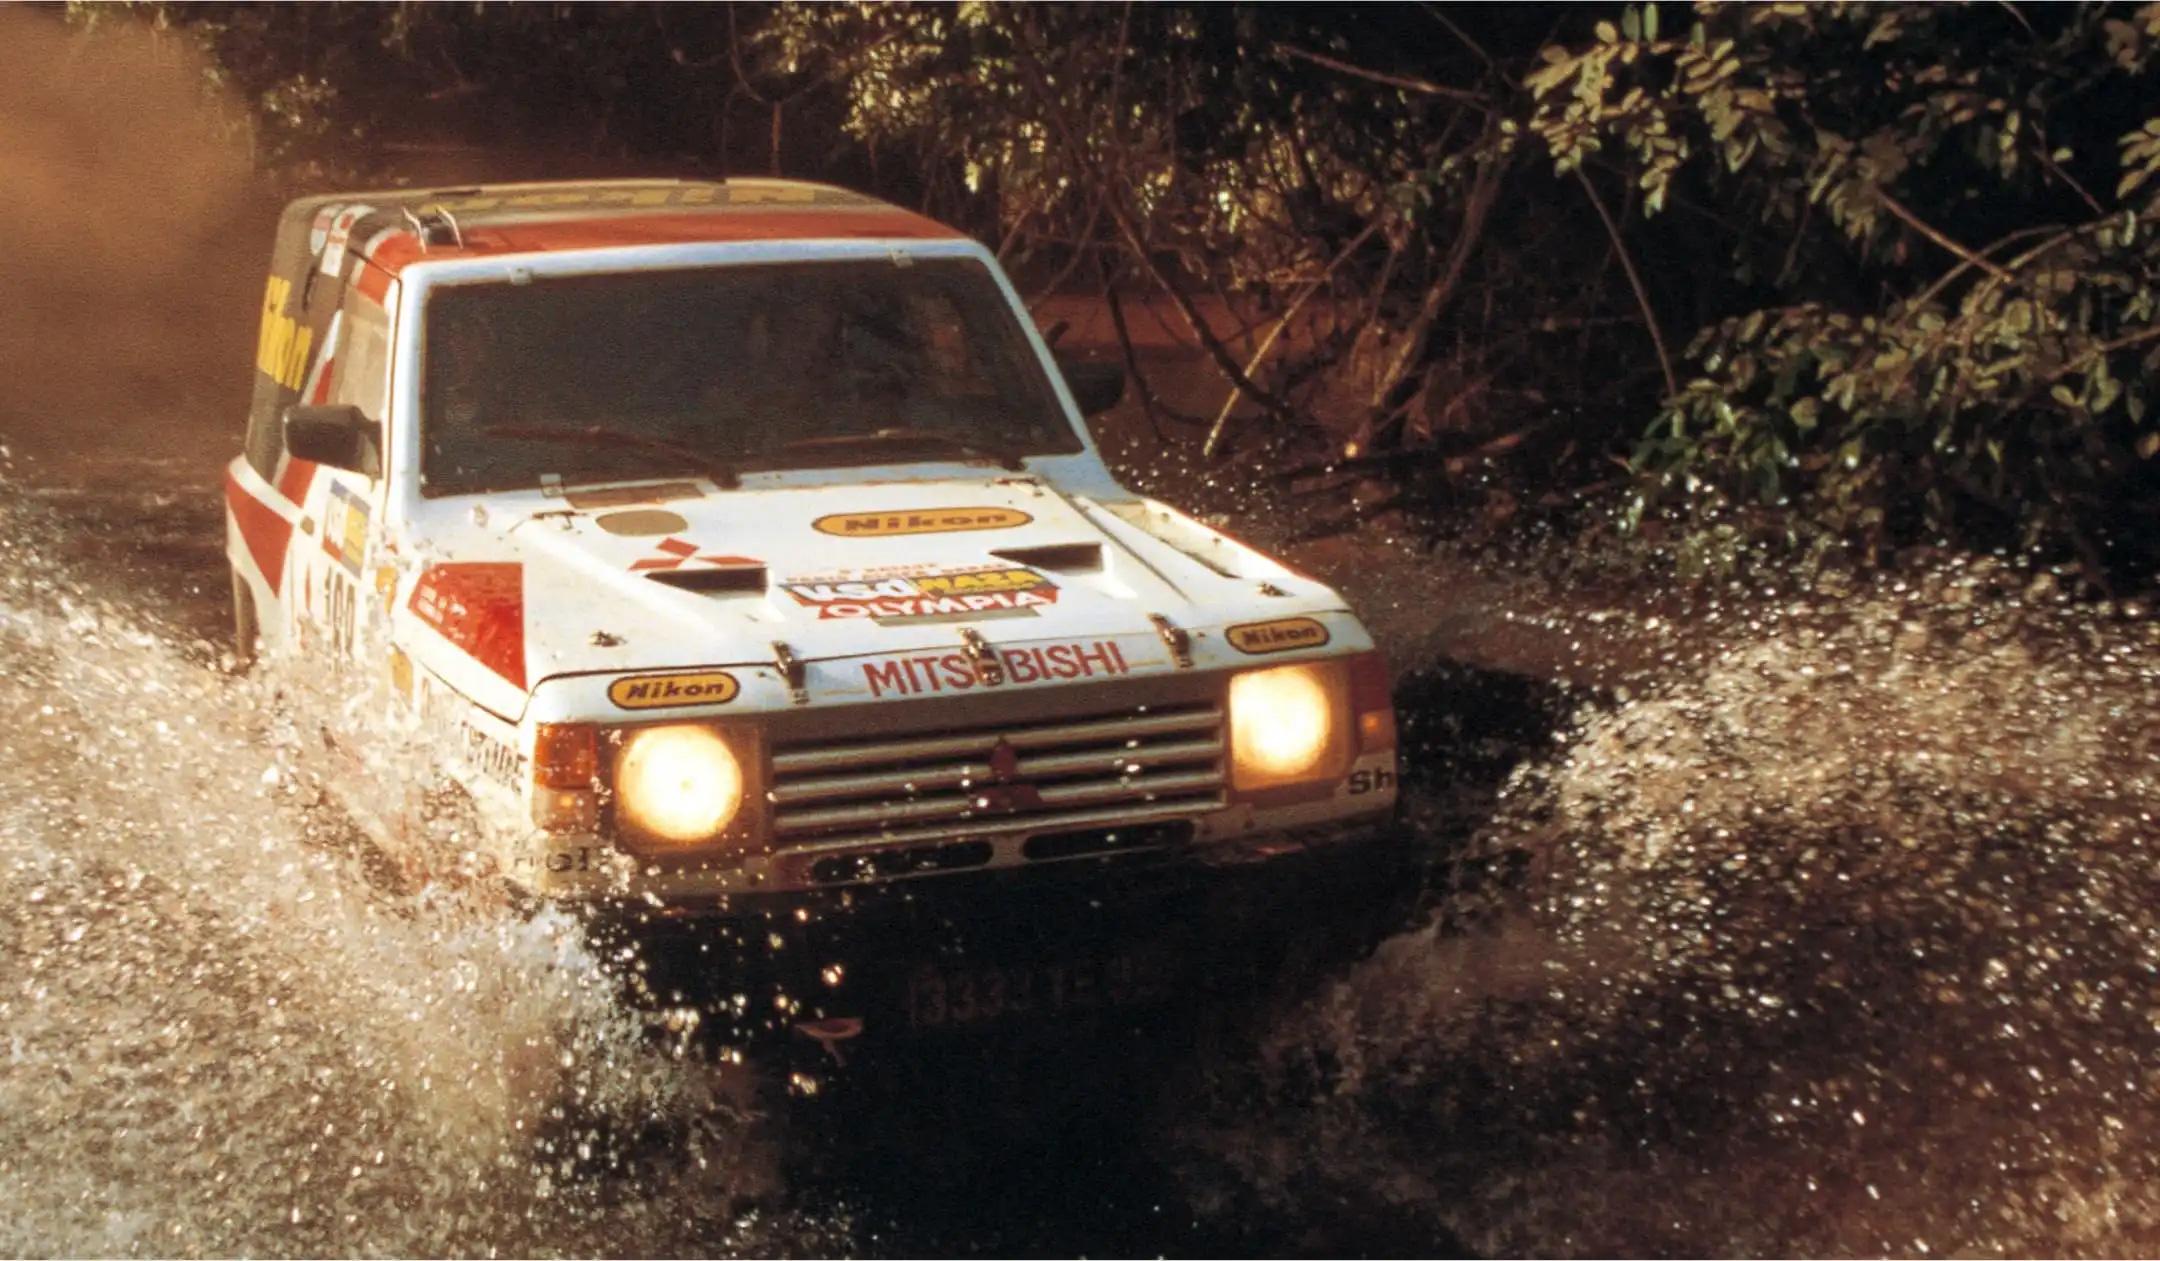 Mitsubishi 4WD